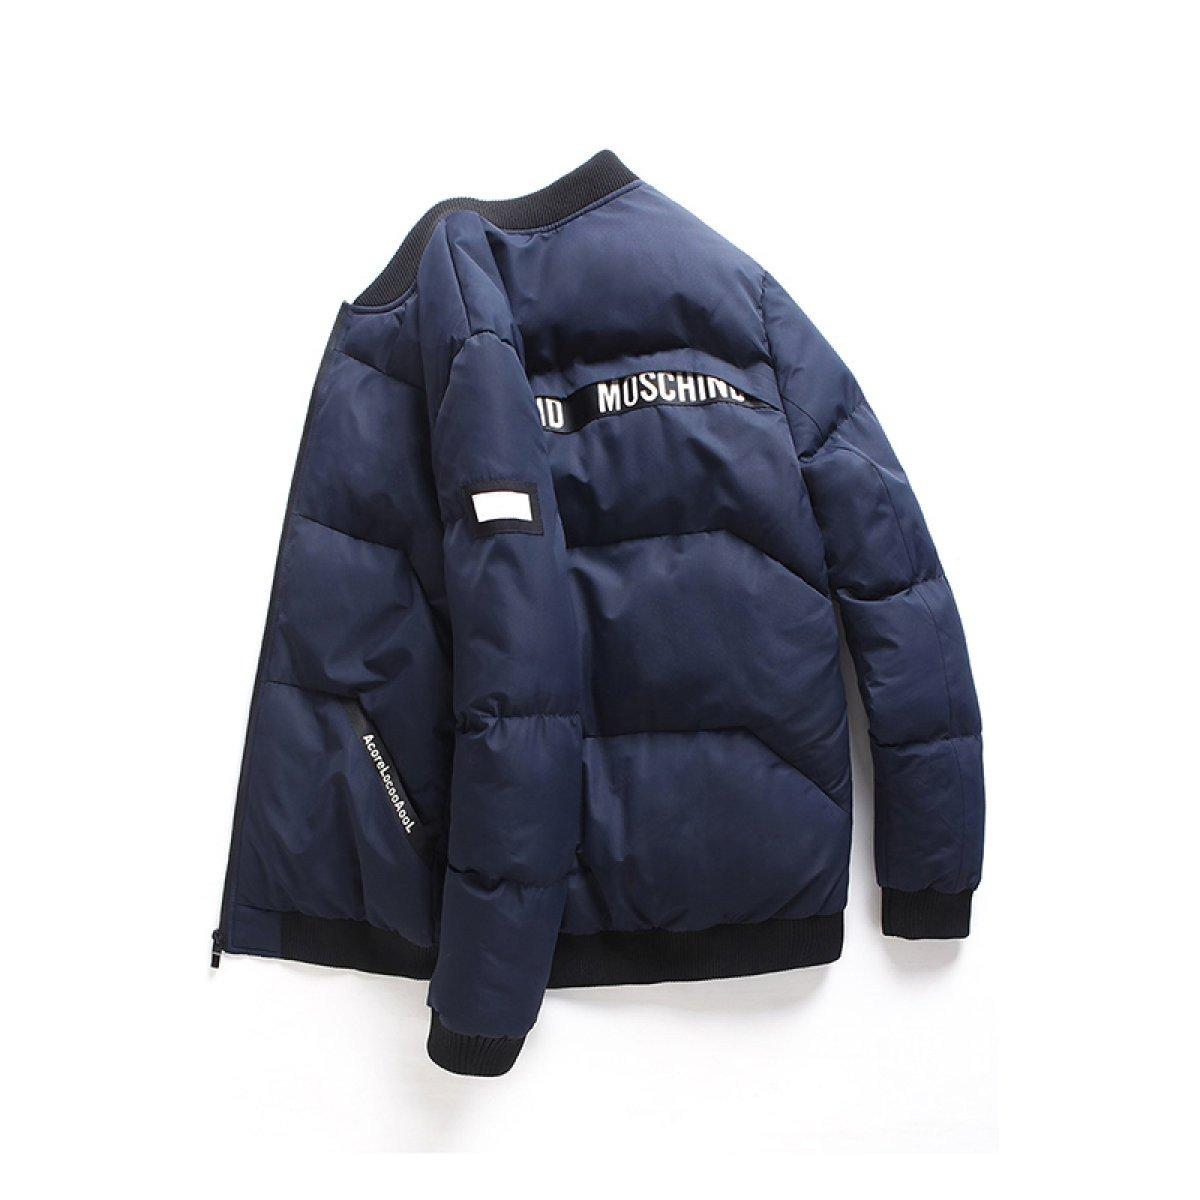 Nihiug Winter Herren Baumwoll Jacke Gefütterte Kurze Jacke Warme Winterjacke Mantel Herren Winterjacke Outwear Wintermantel Herren Mantel Jacke